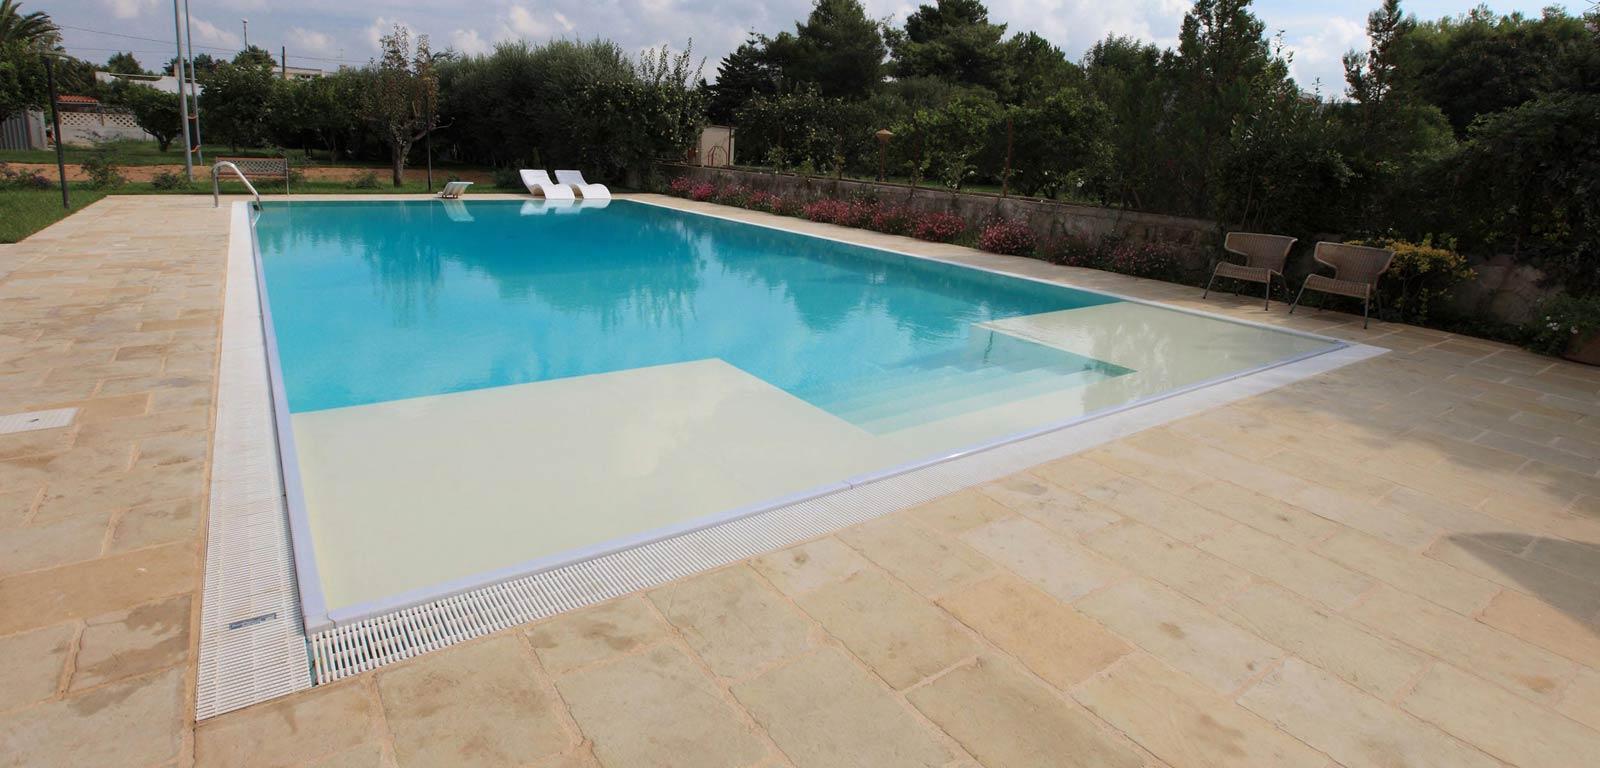 Immagini di piscine per ville excellent foto di piscine piccole e favolose per aiutarti a - Foto di piscine ...